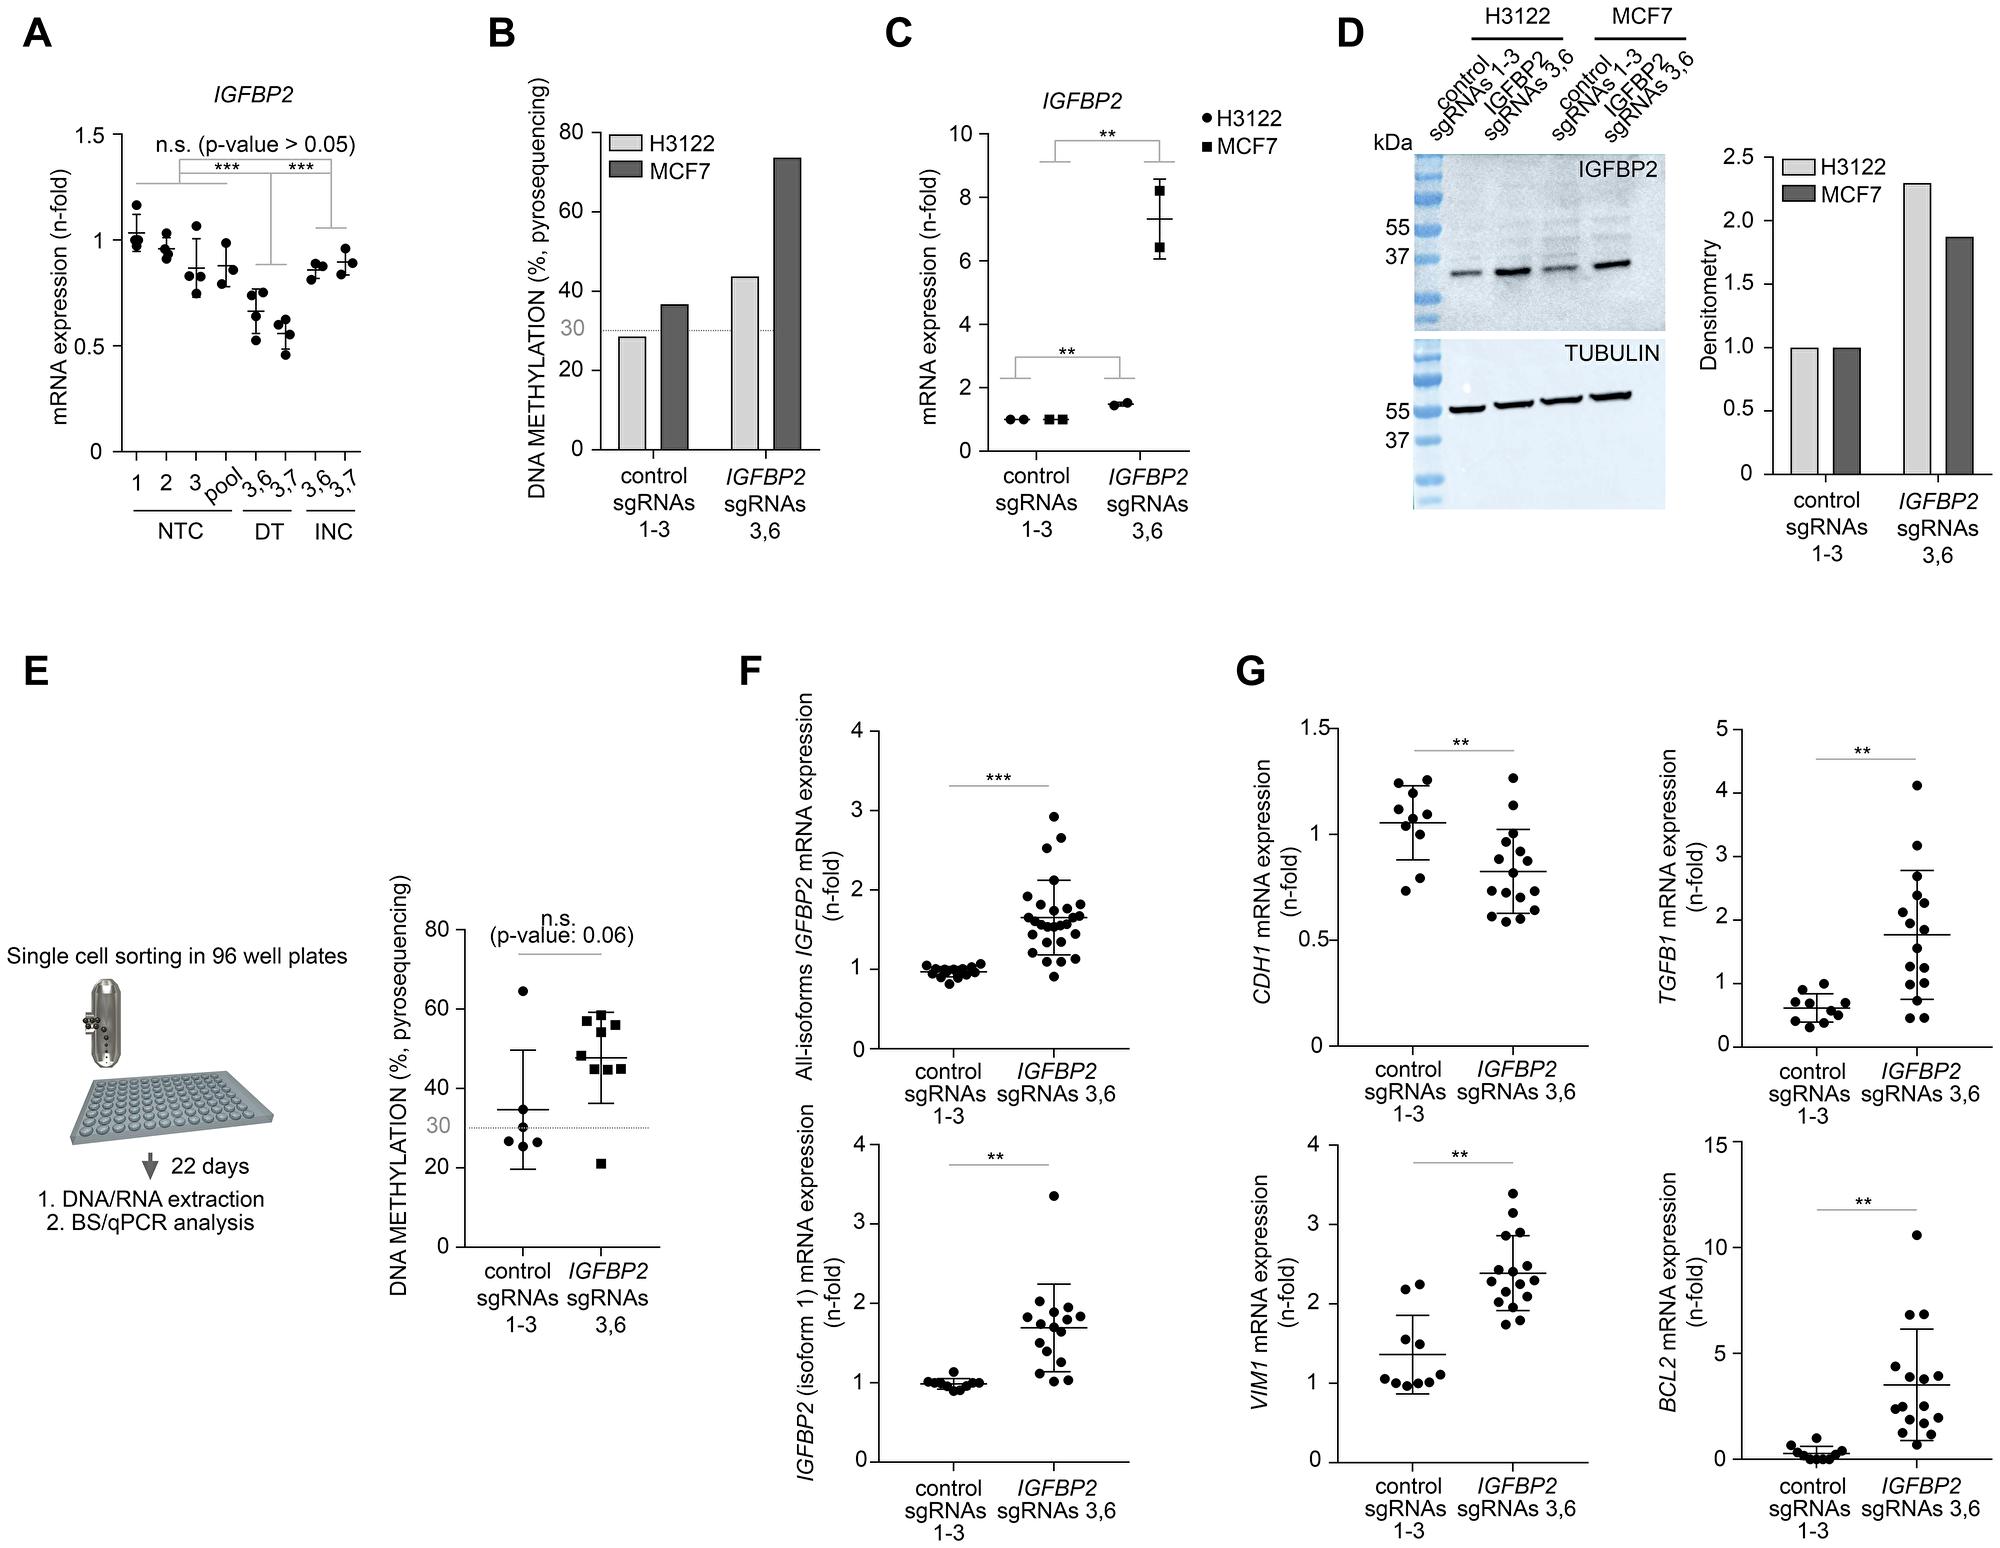 CRISPR/dCas targeted DNA methylation of IGFBP2 promoter affects gene transcription and EMT transcriptomics in cancer cells.